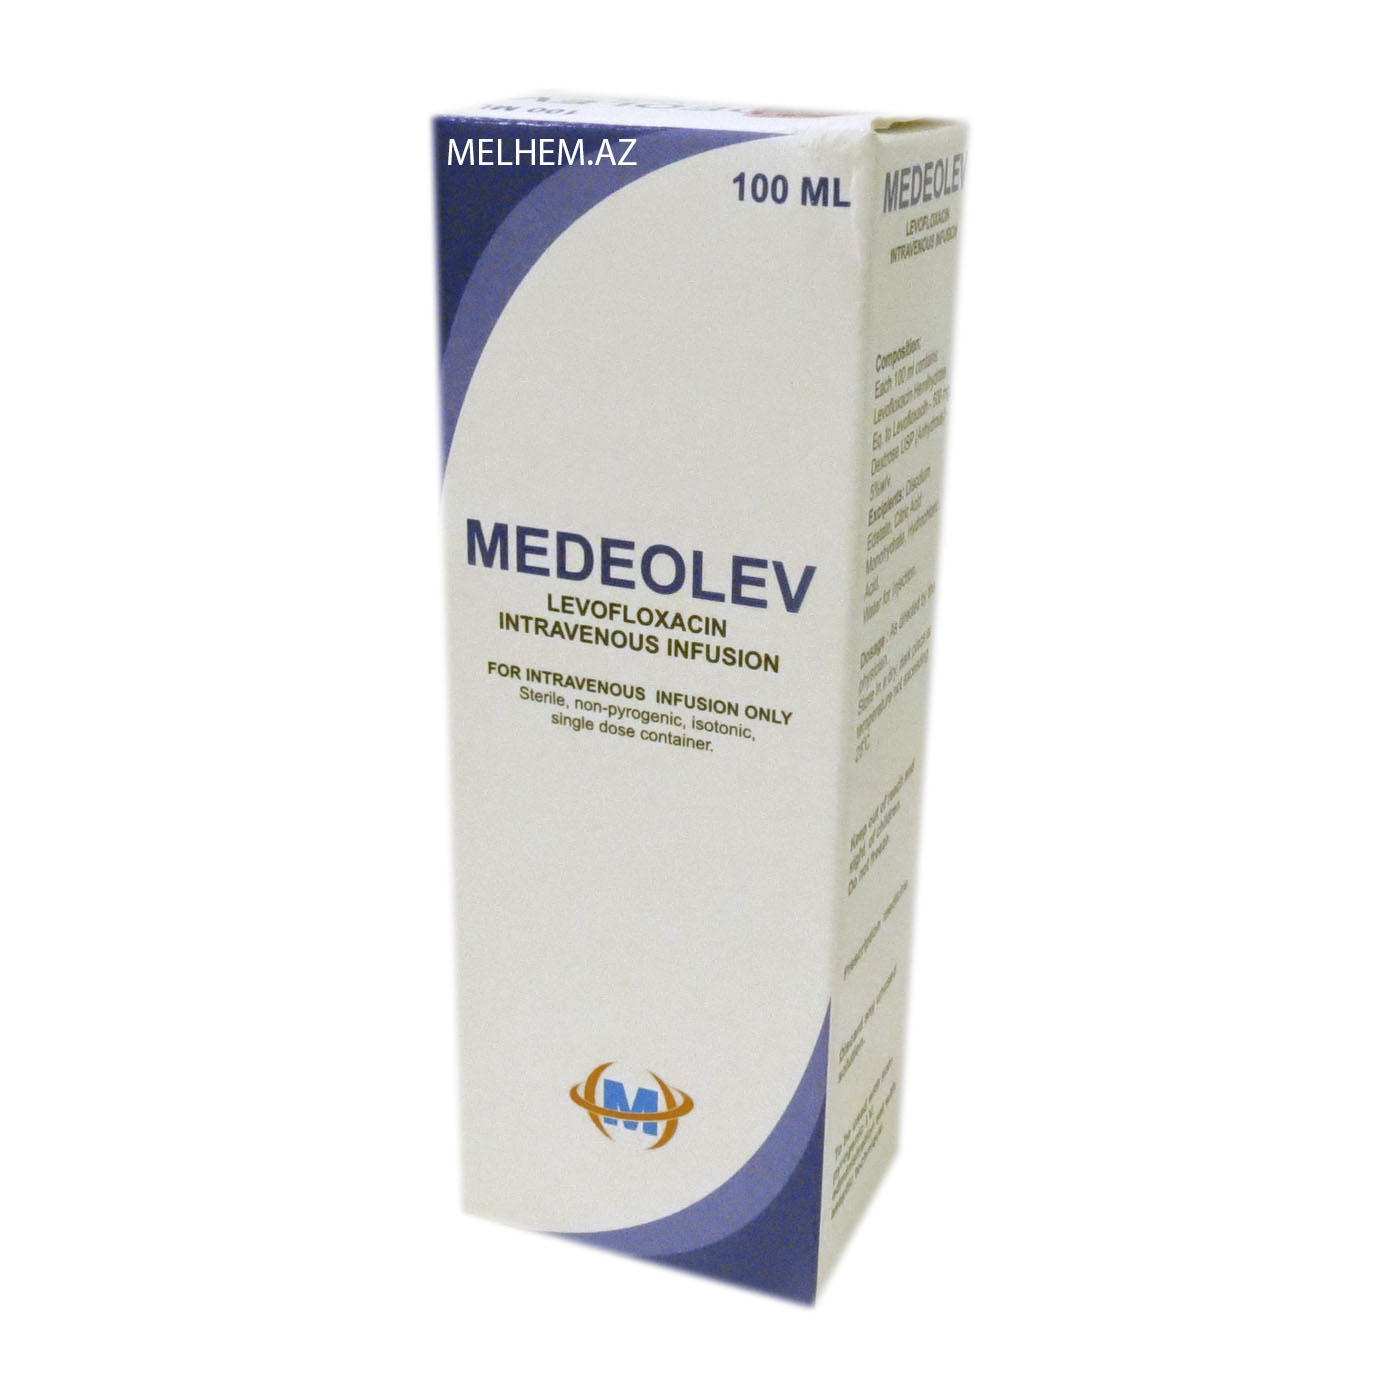 MEDEOLEV